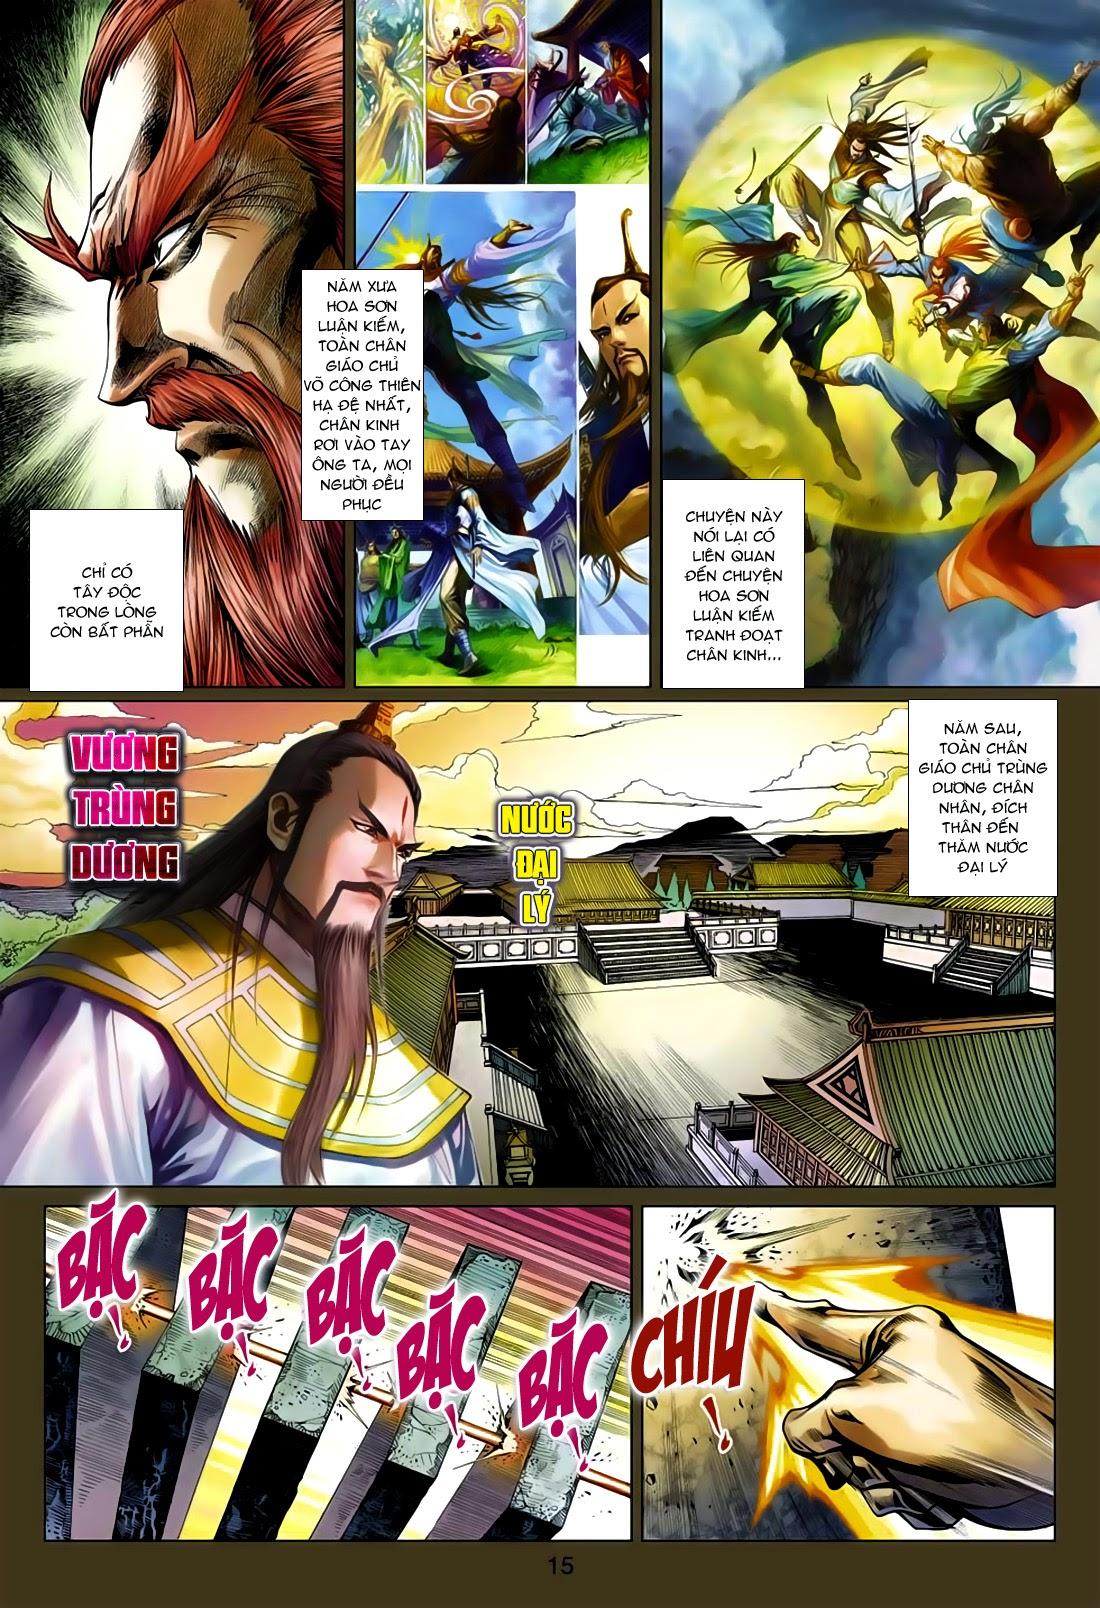 Anh Hùng Xạ Điêu anh hùng xạ đêu chap 75: hoàng thành cựu sự trang 15